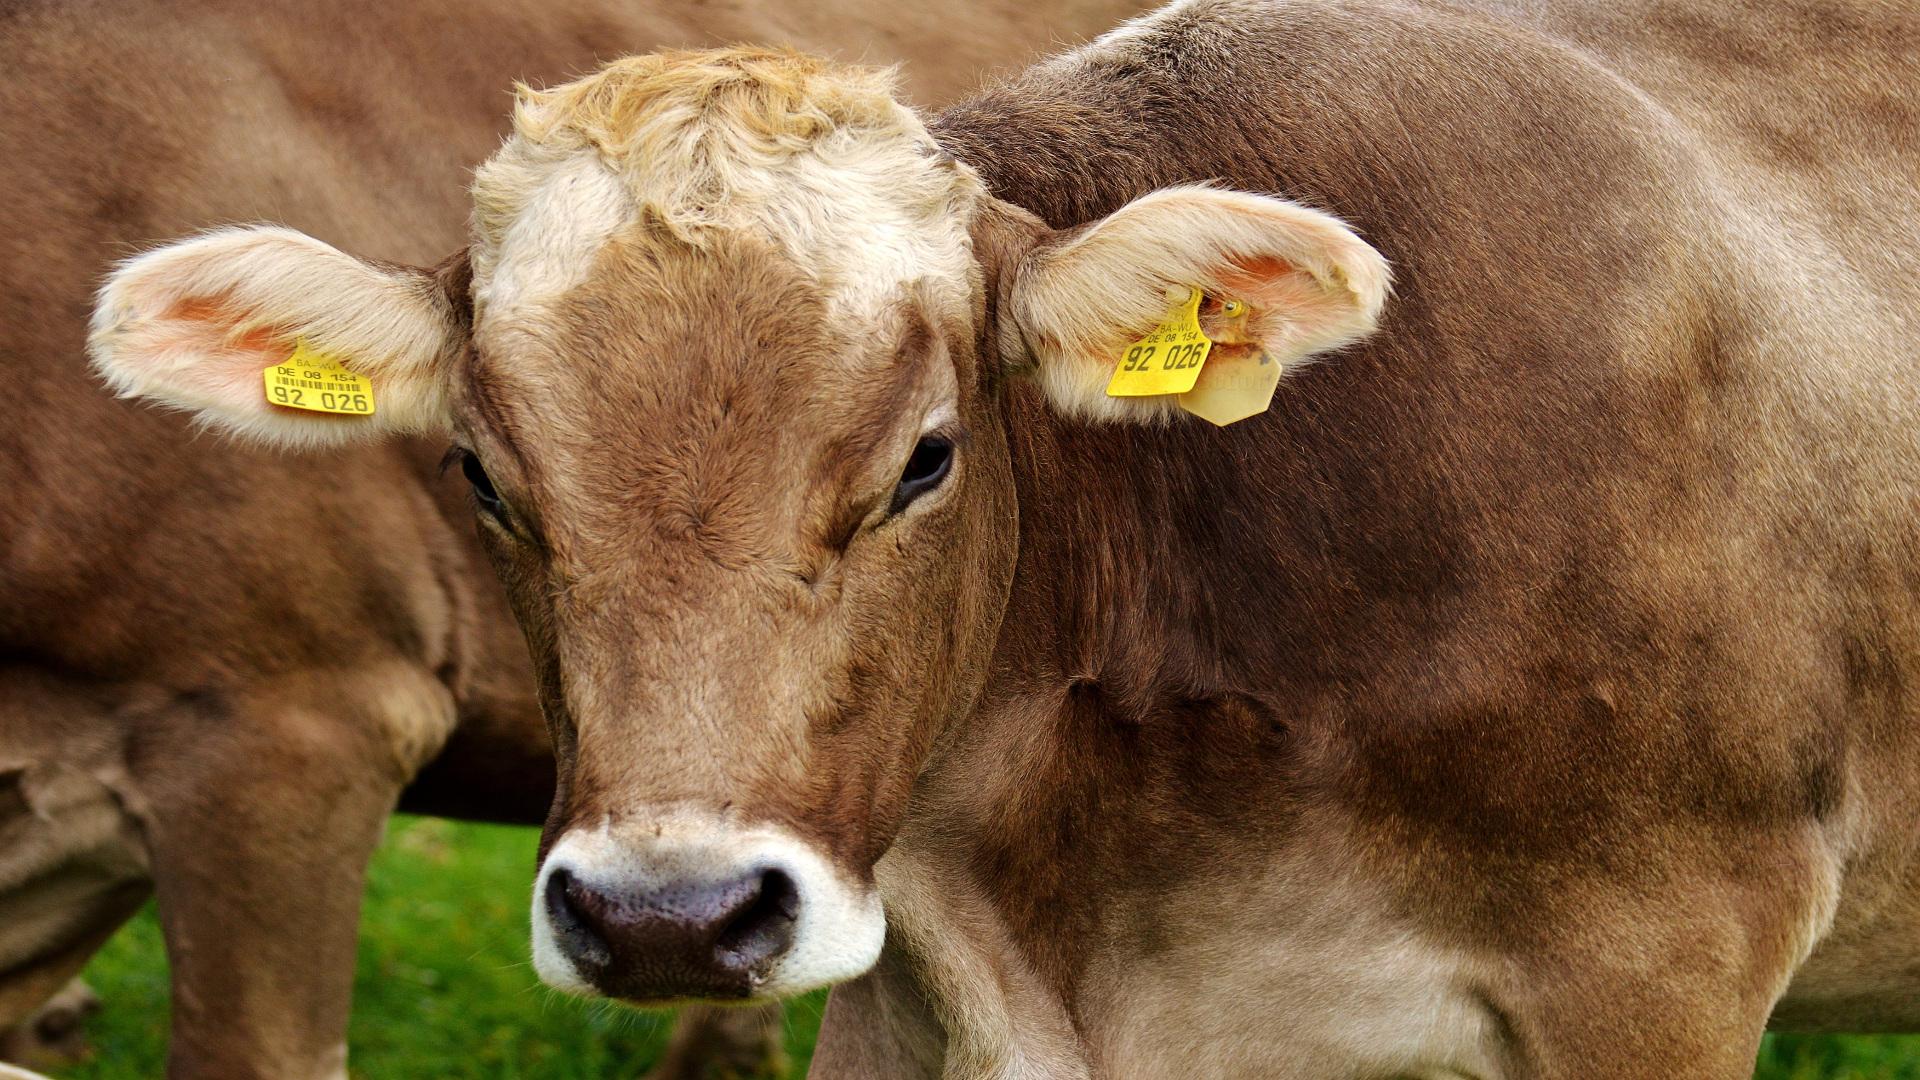 Desmanteladas dos organizaciones que alteraban los crotales del ganado vacuno1920